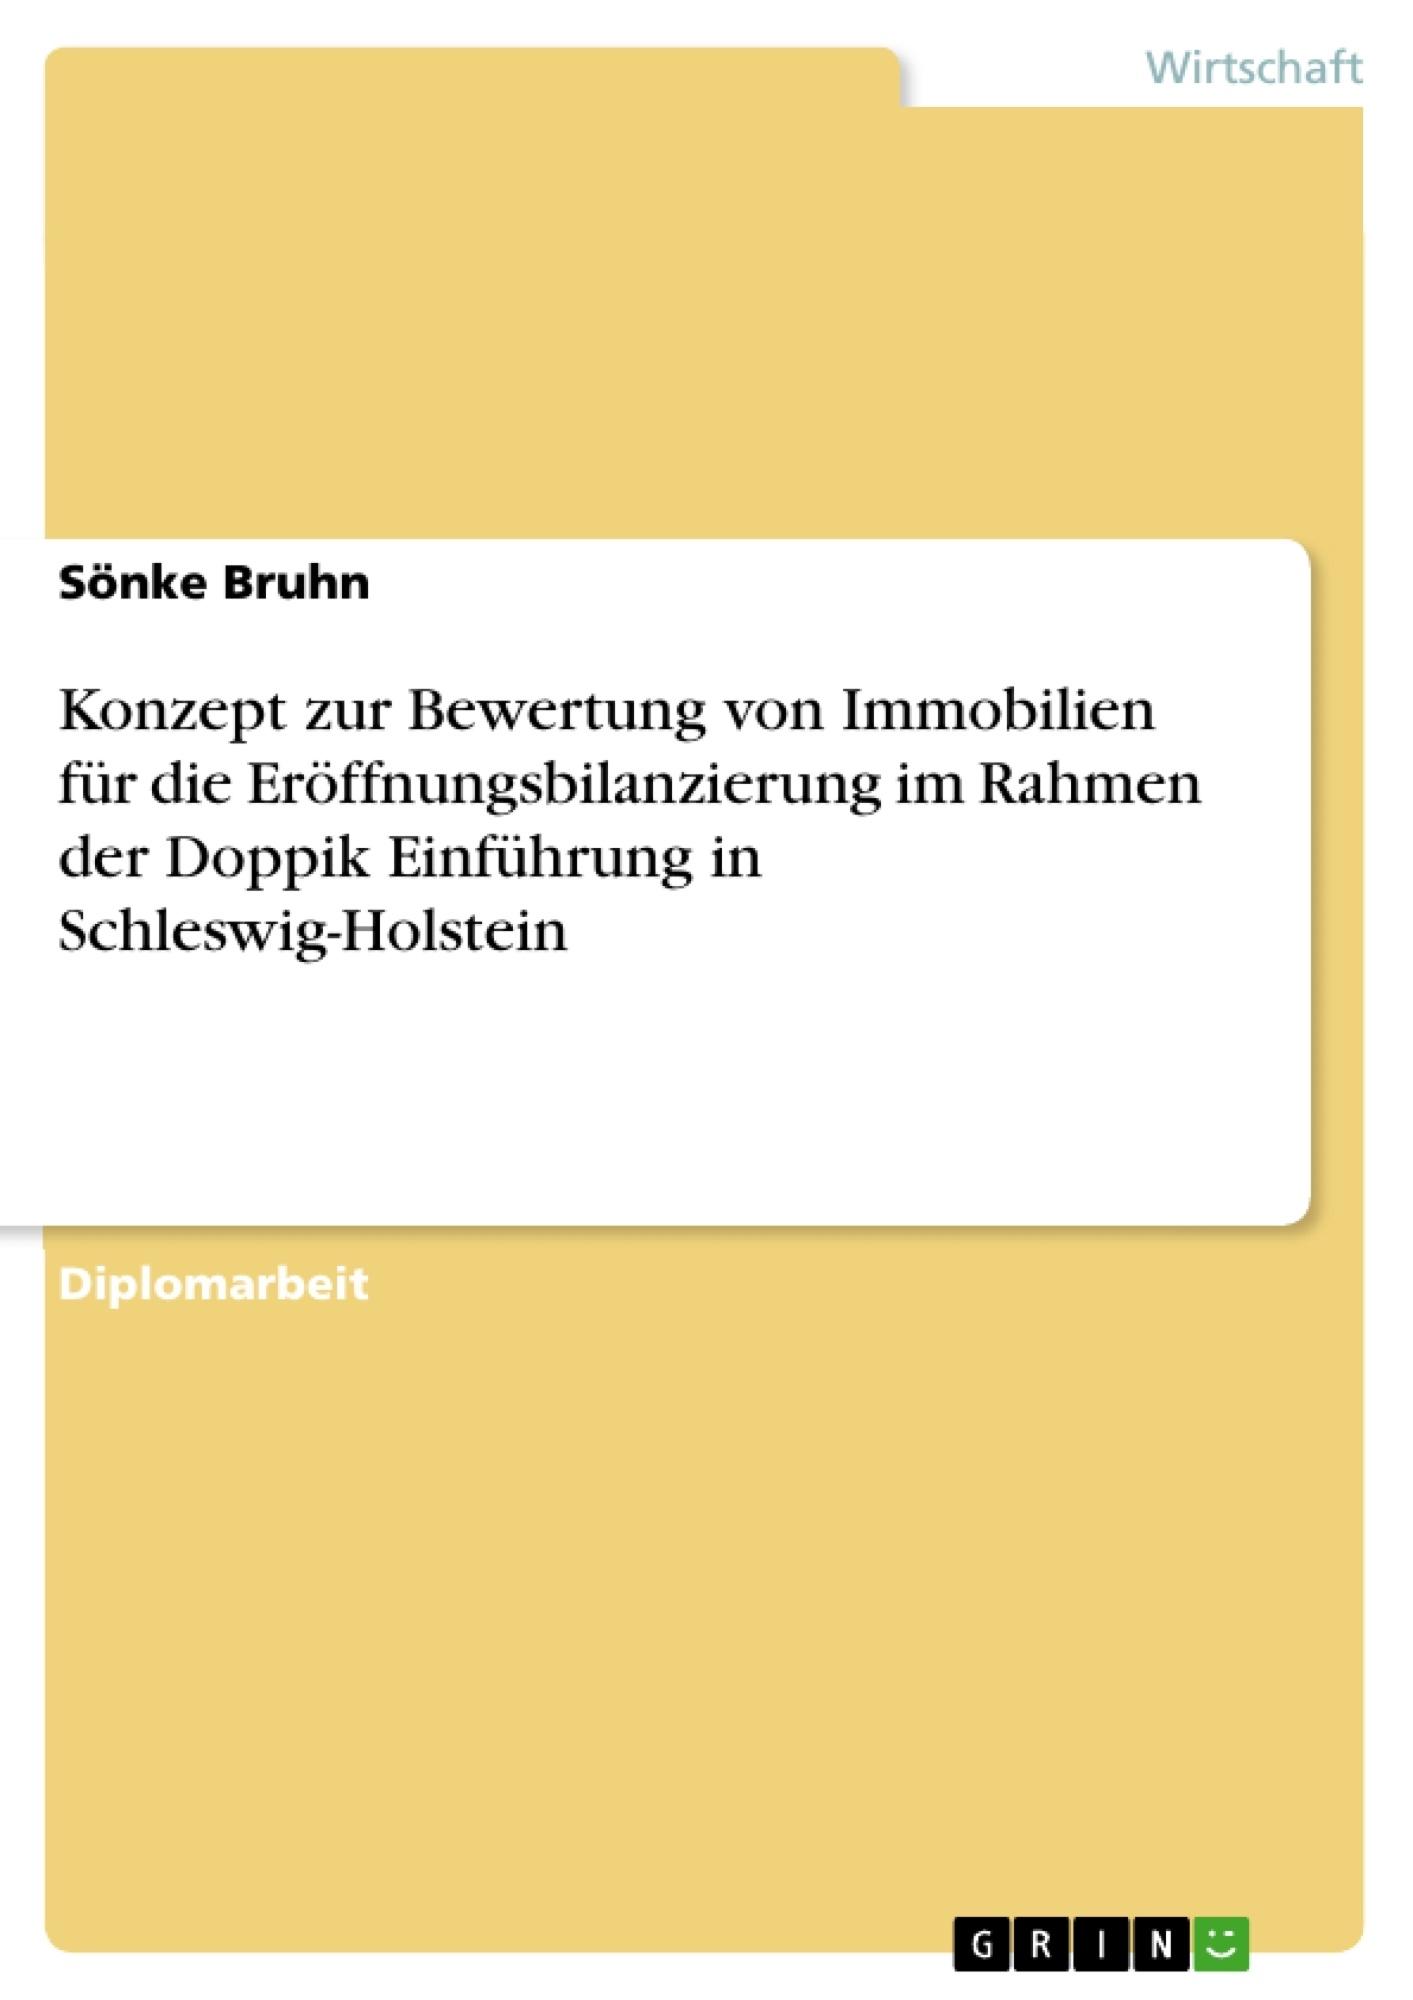 Titel: Konzept zur Bewertung von Immobilien für die Eröffnungsbilanzierung im Rahmen der Doppik Einführung in Schleswig-Holstein